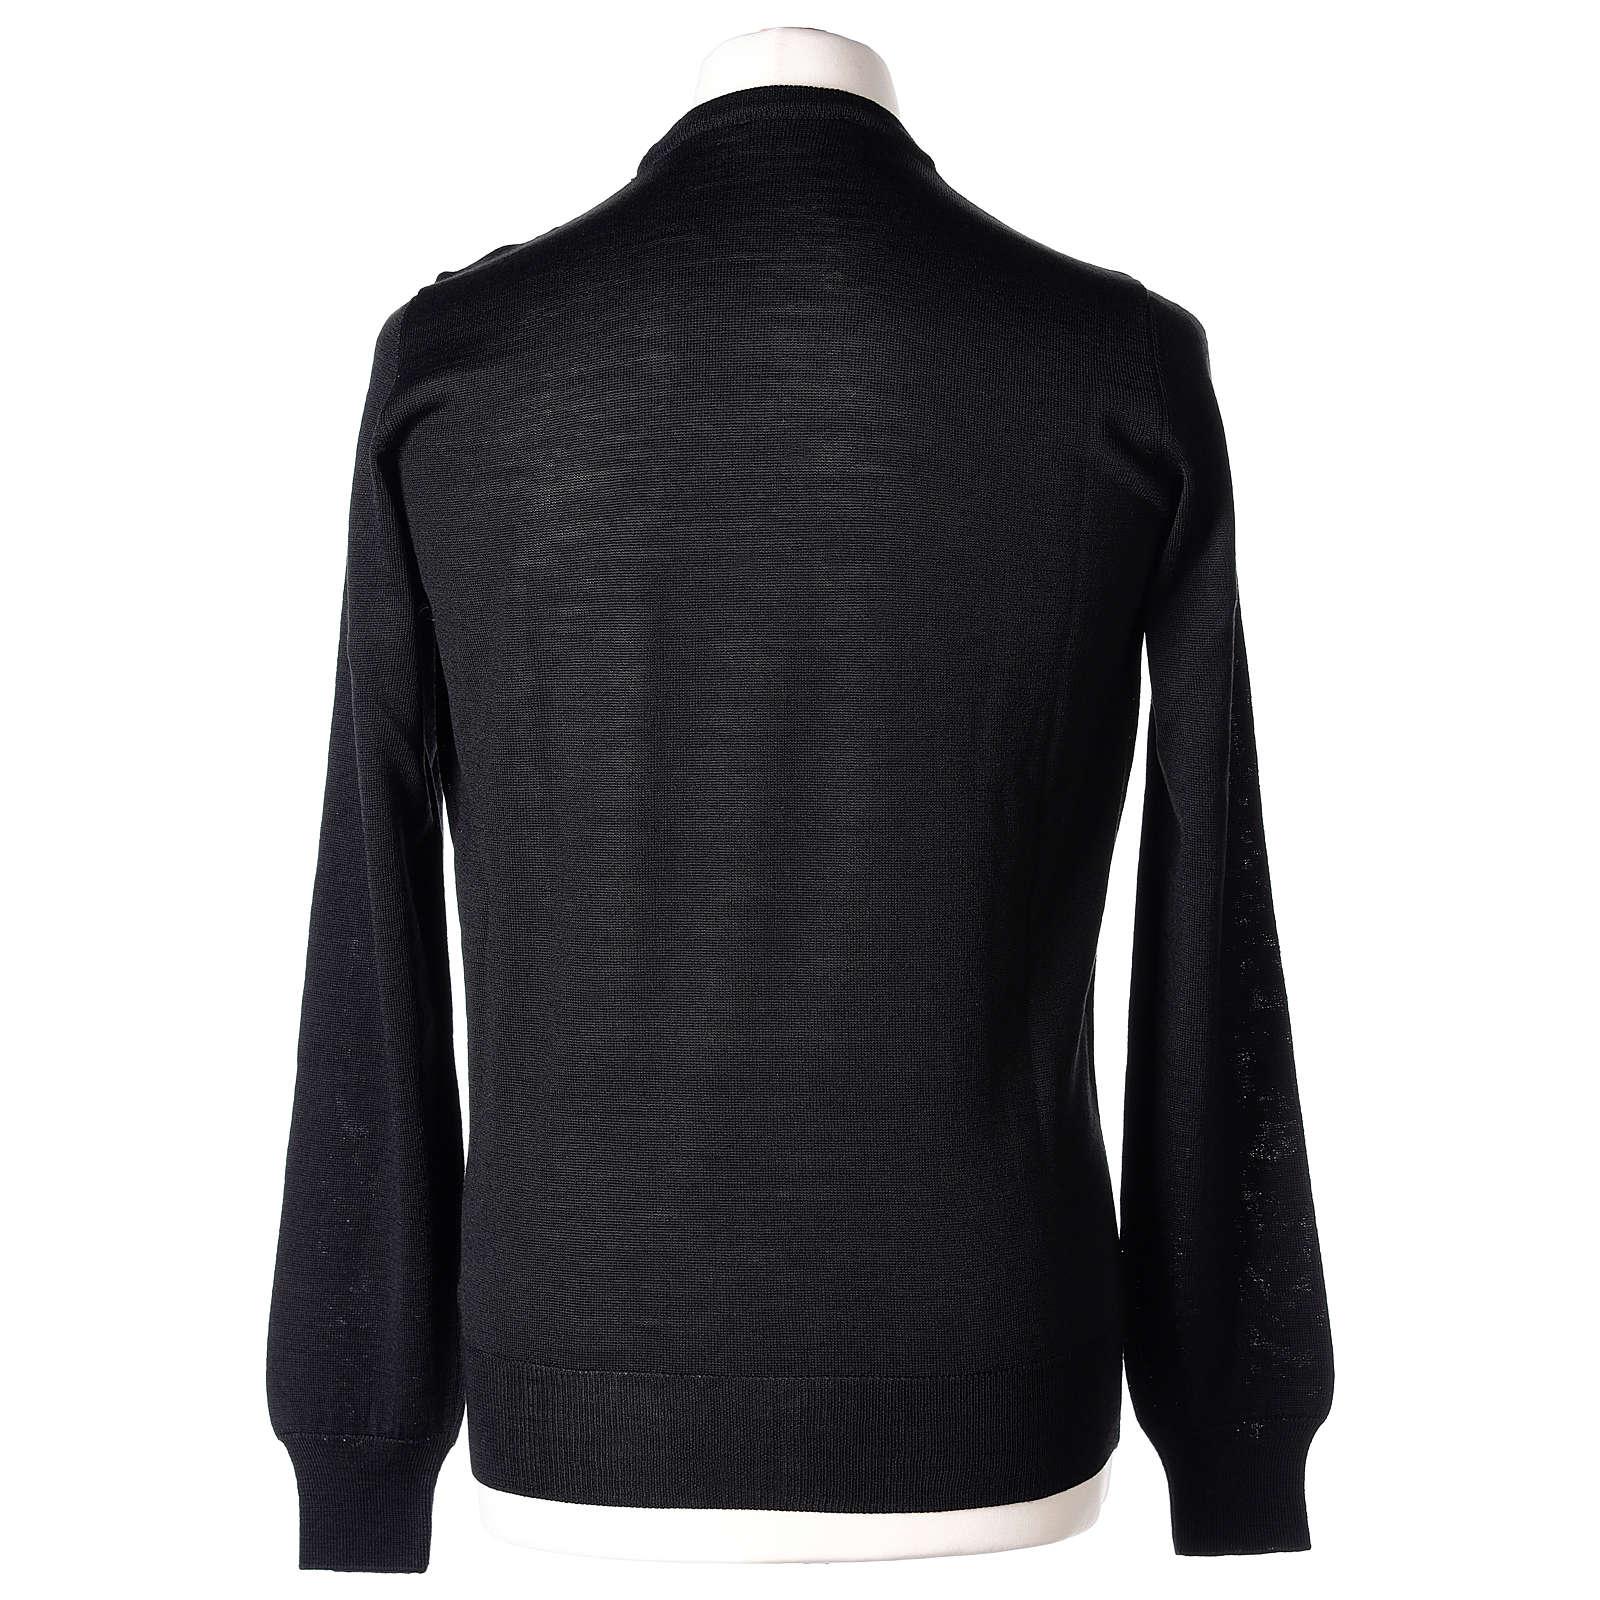 Pull prêtre noir ras-de-cou jersey simple 50% acrylique 50% laine mérinos In Primis 4